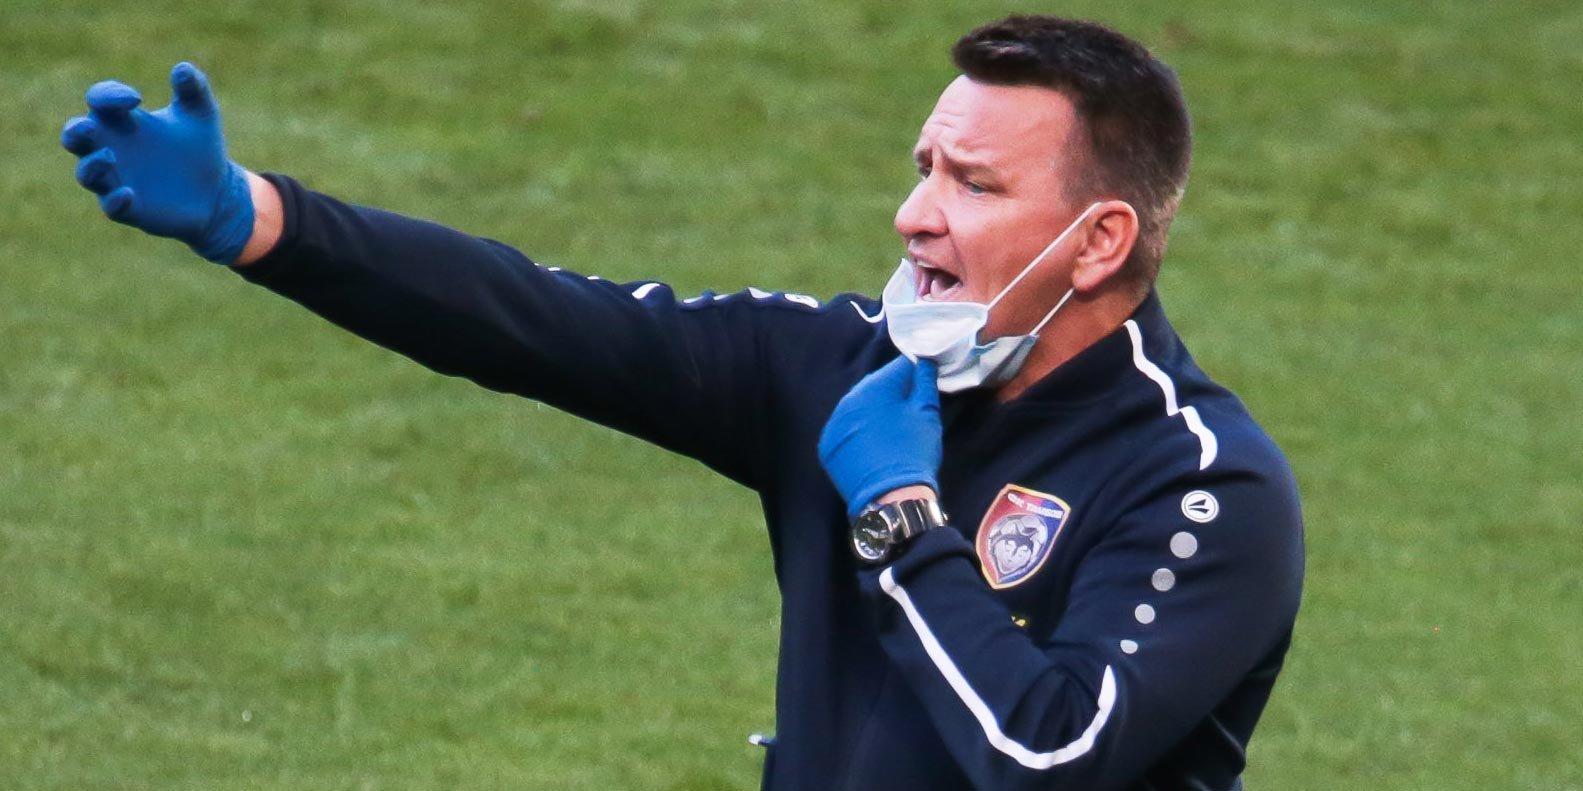 Спортдиректор «Тамбова»: «У тренерского штаба Первушина есть полное доверие»